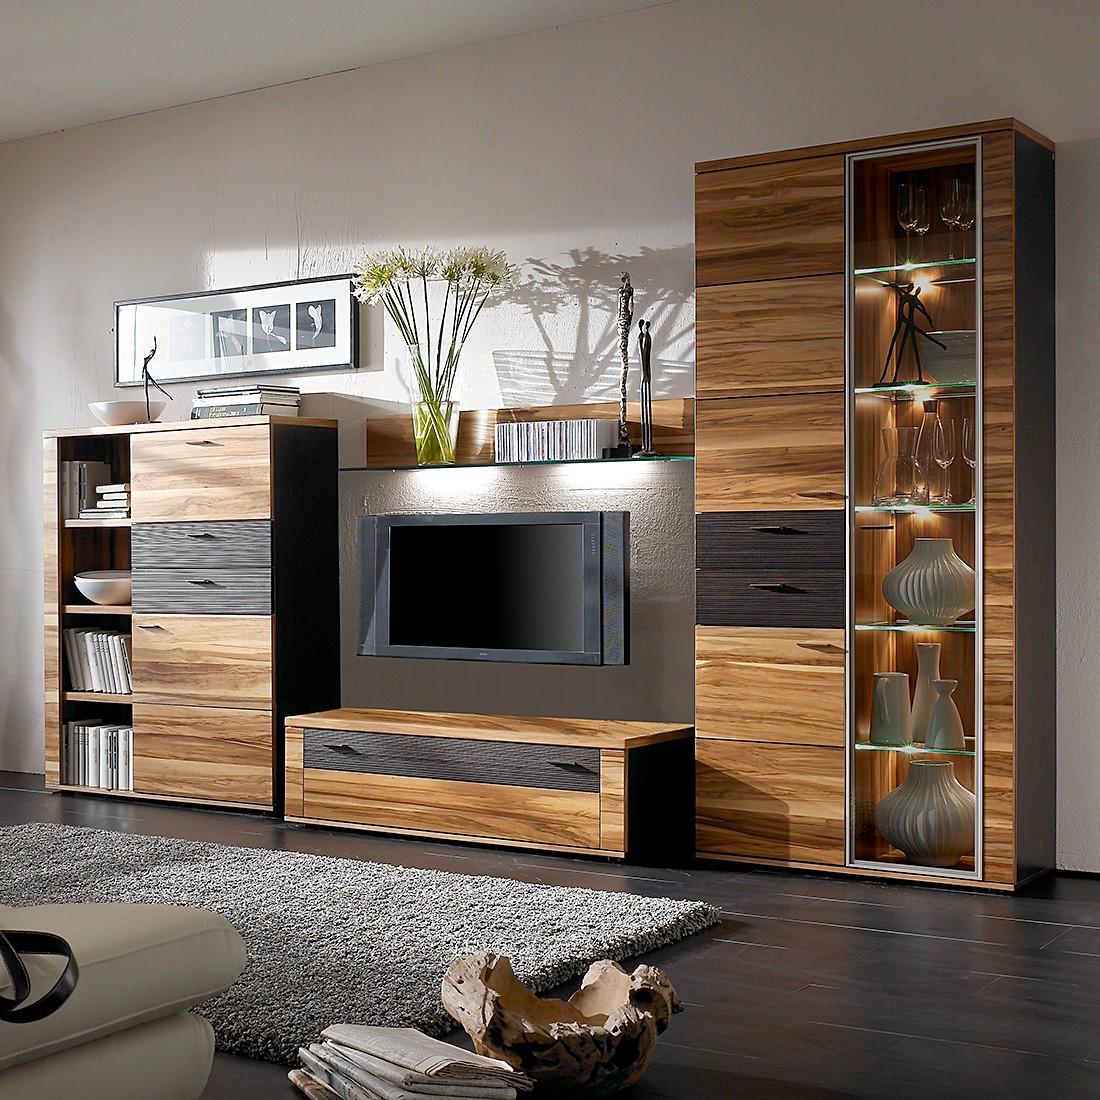 wohnwand vita i 4 teilig nussbaum schoko vitrinenelement rechts mit beleuchtung ohne. Black Bedroom Furniture Sets. Home Design Ideas